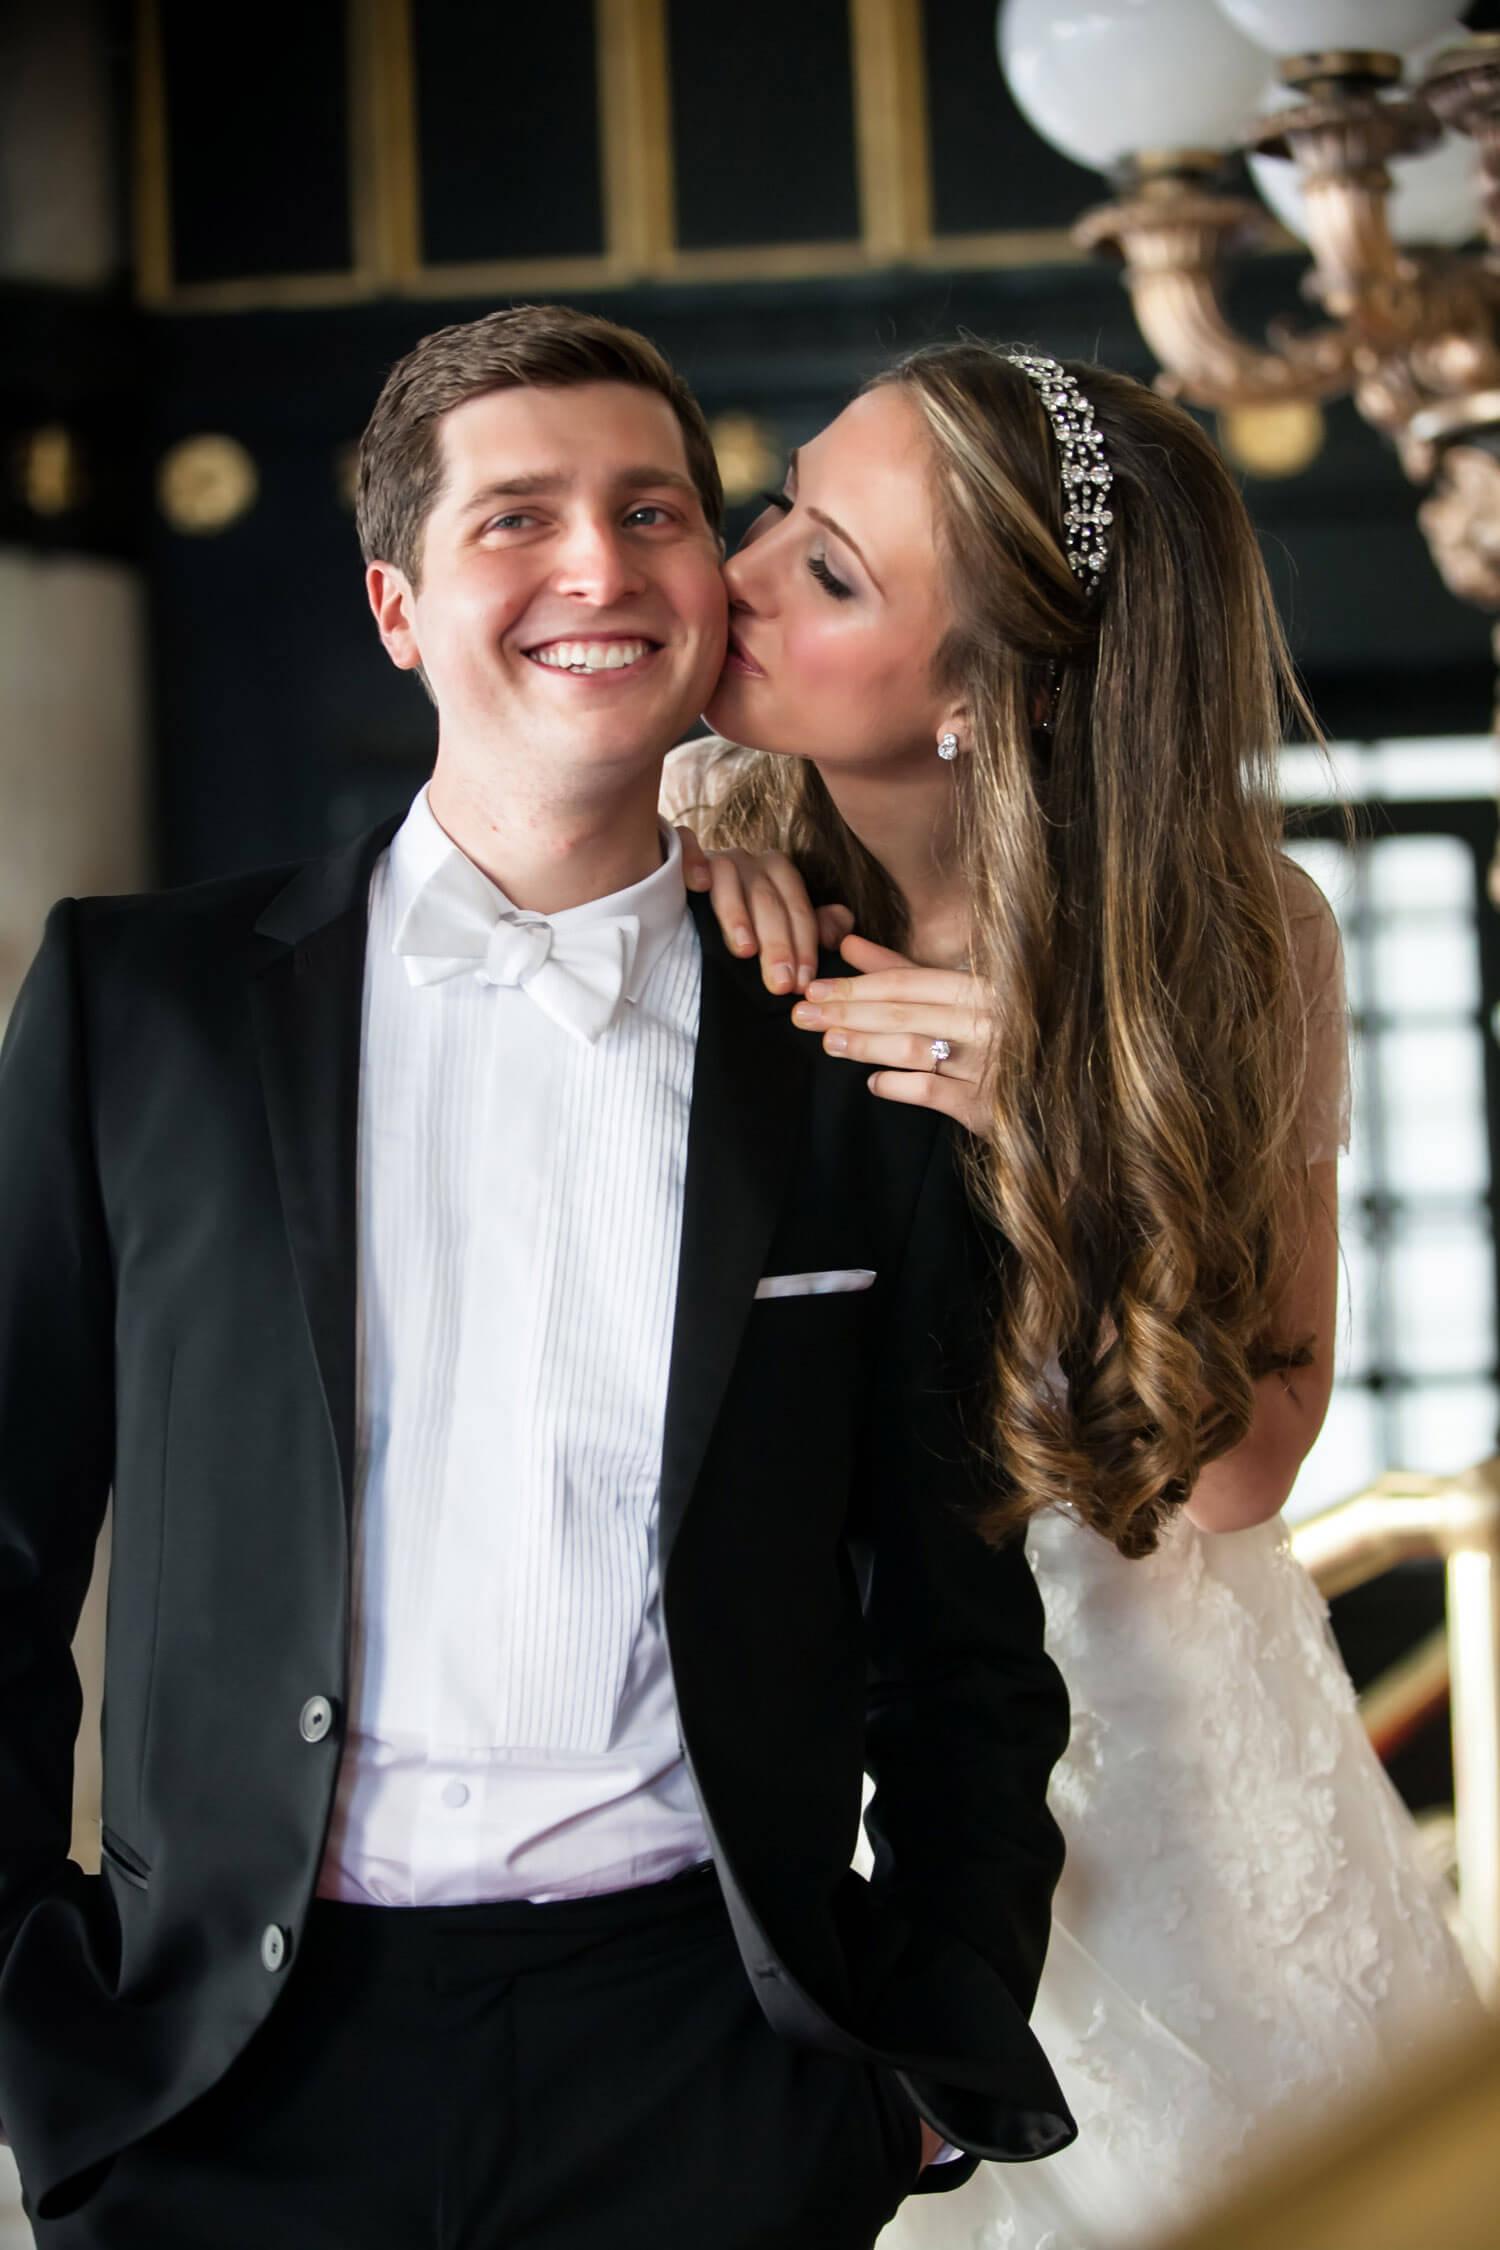 Wedding atThe Plaza Hotel New York City -